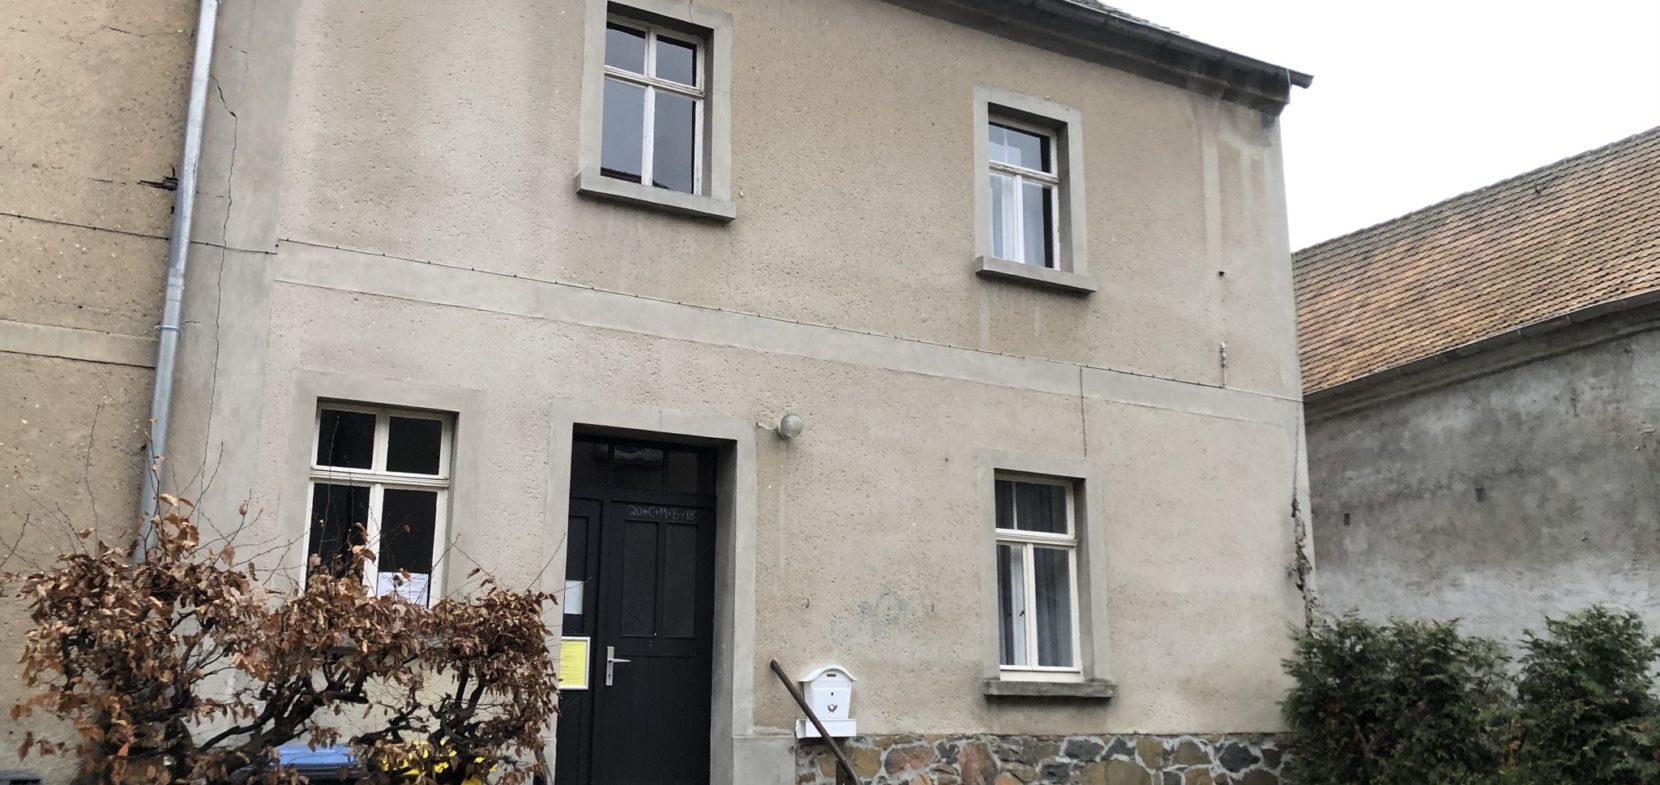 Gemeindehaus Lindenthal